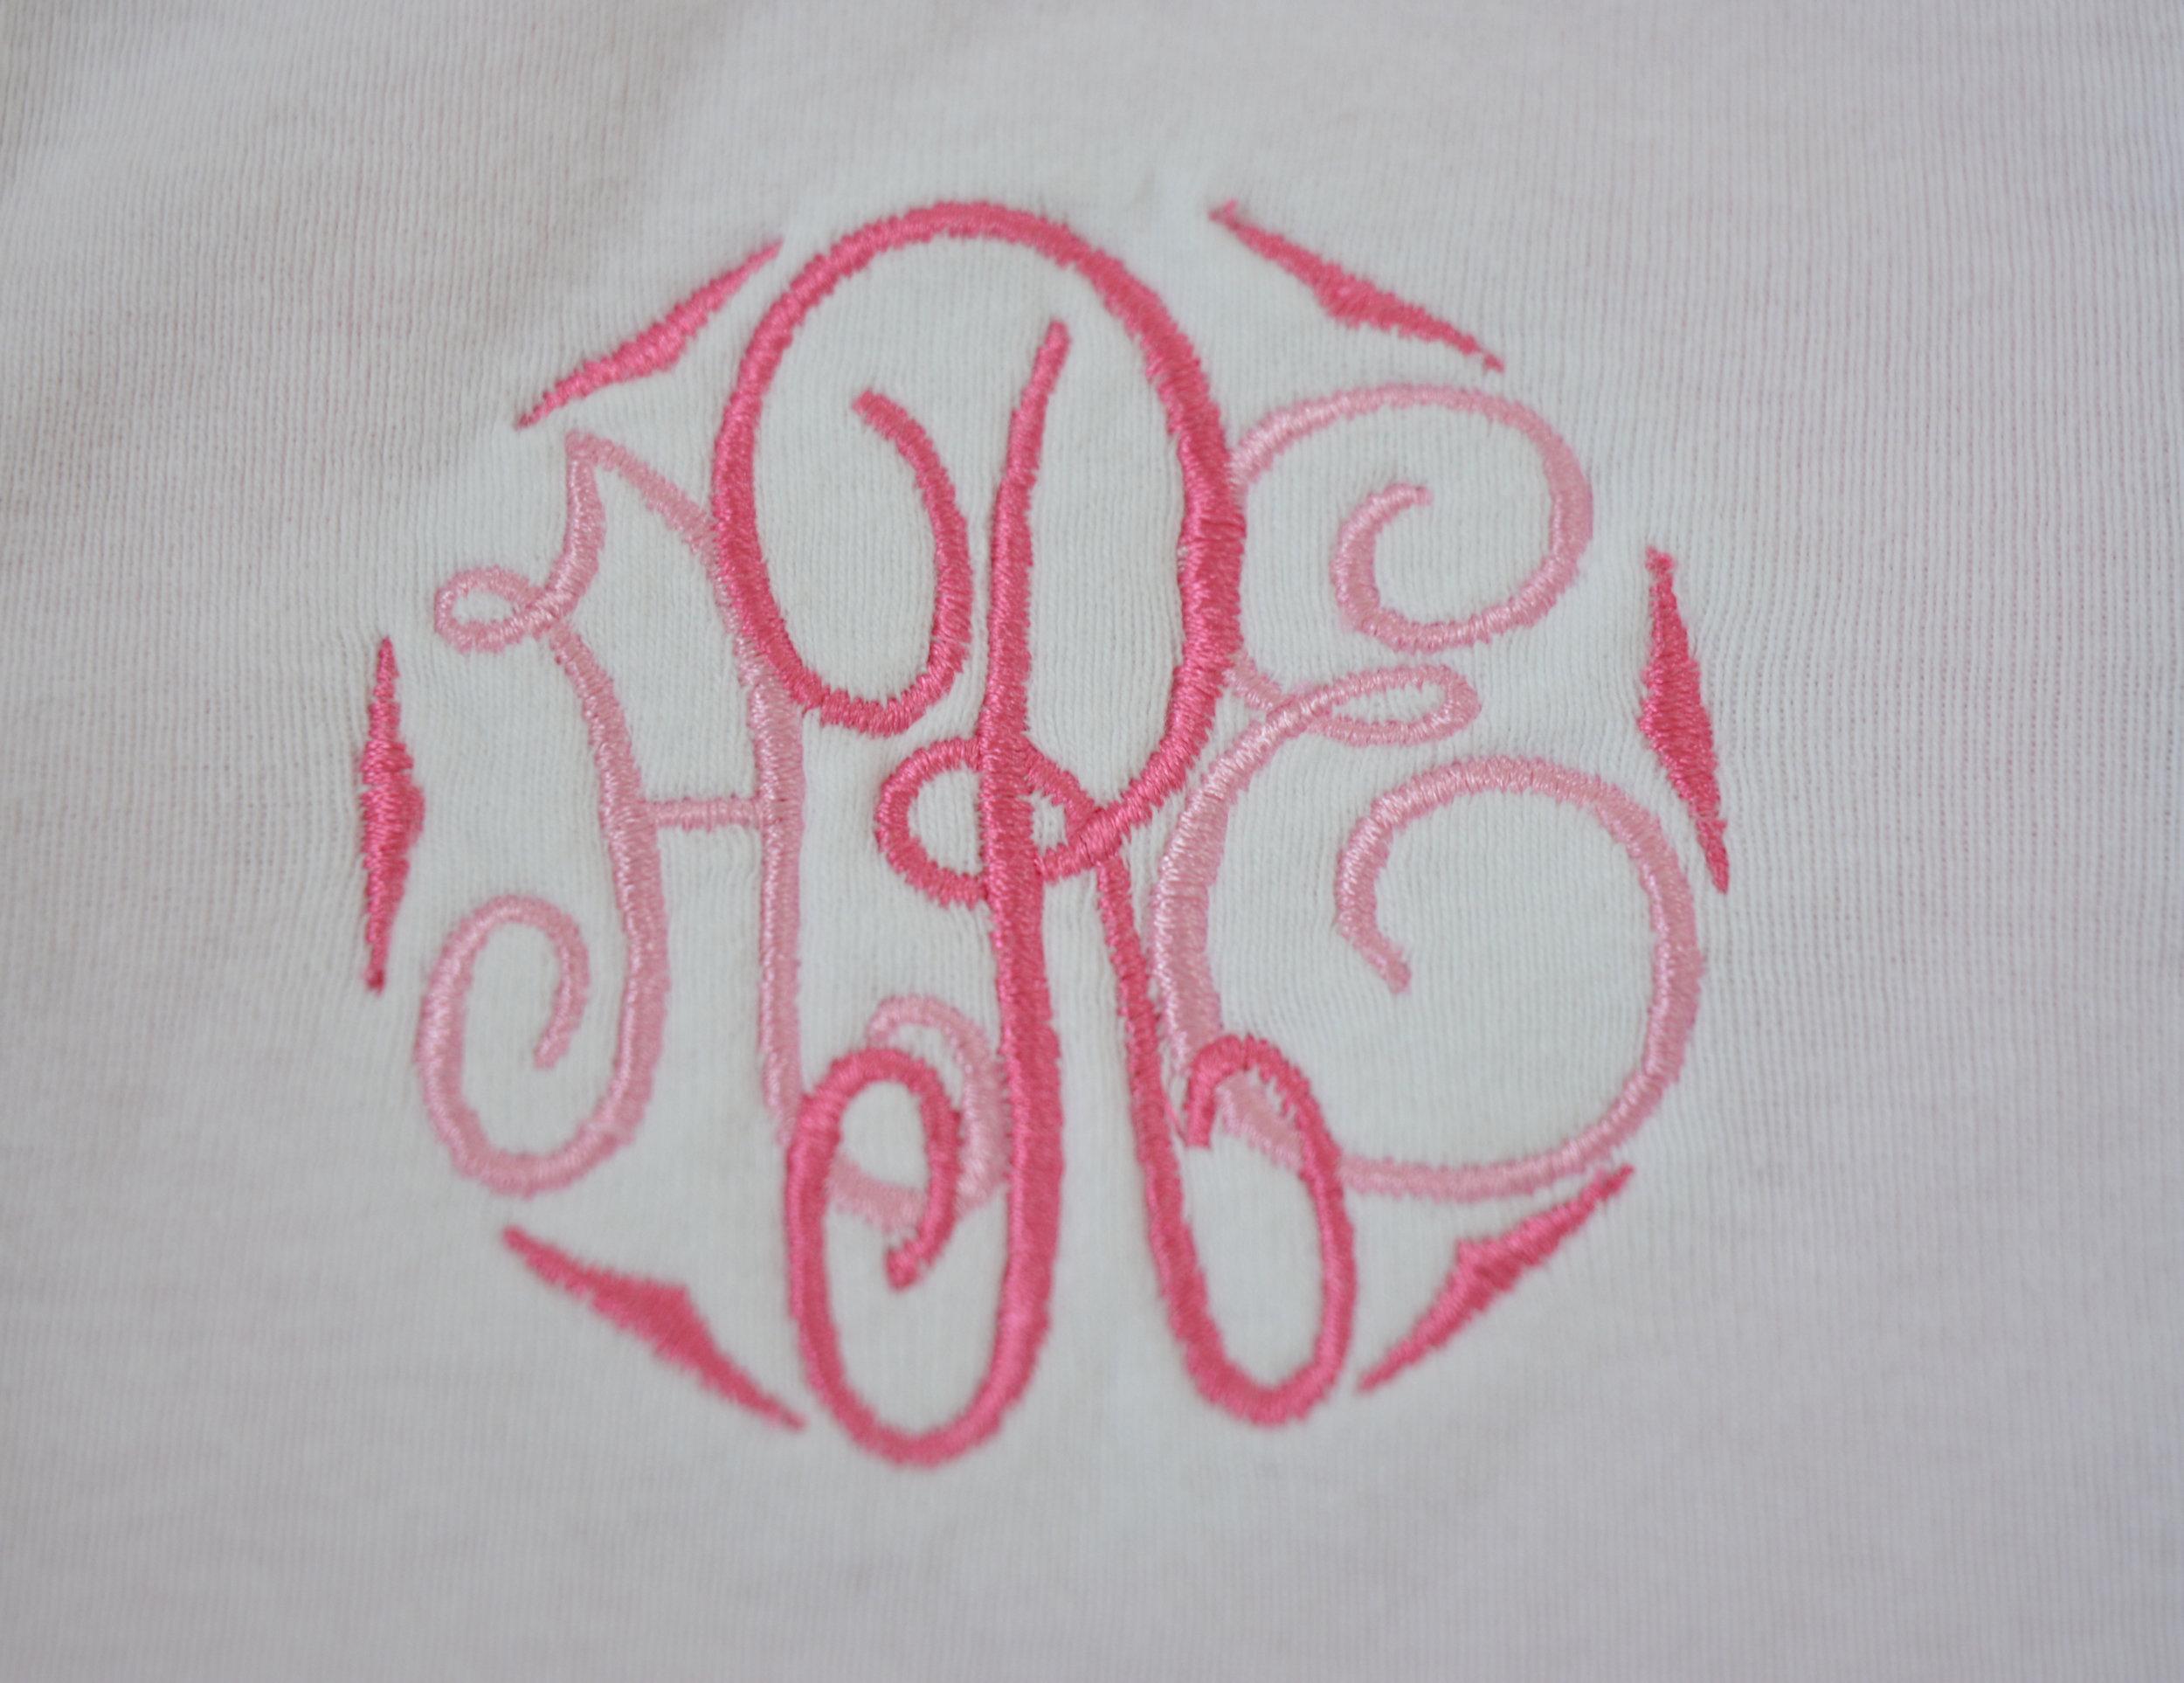 Soft Circle 2.jpg